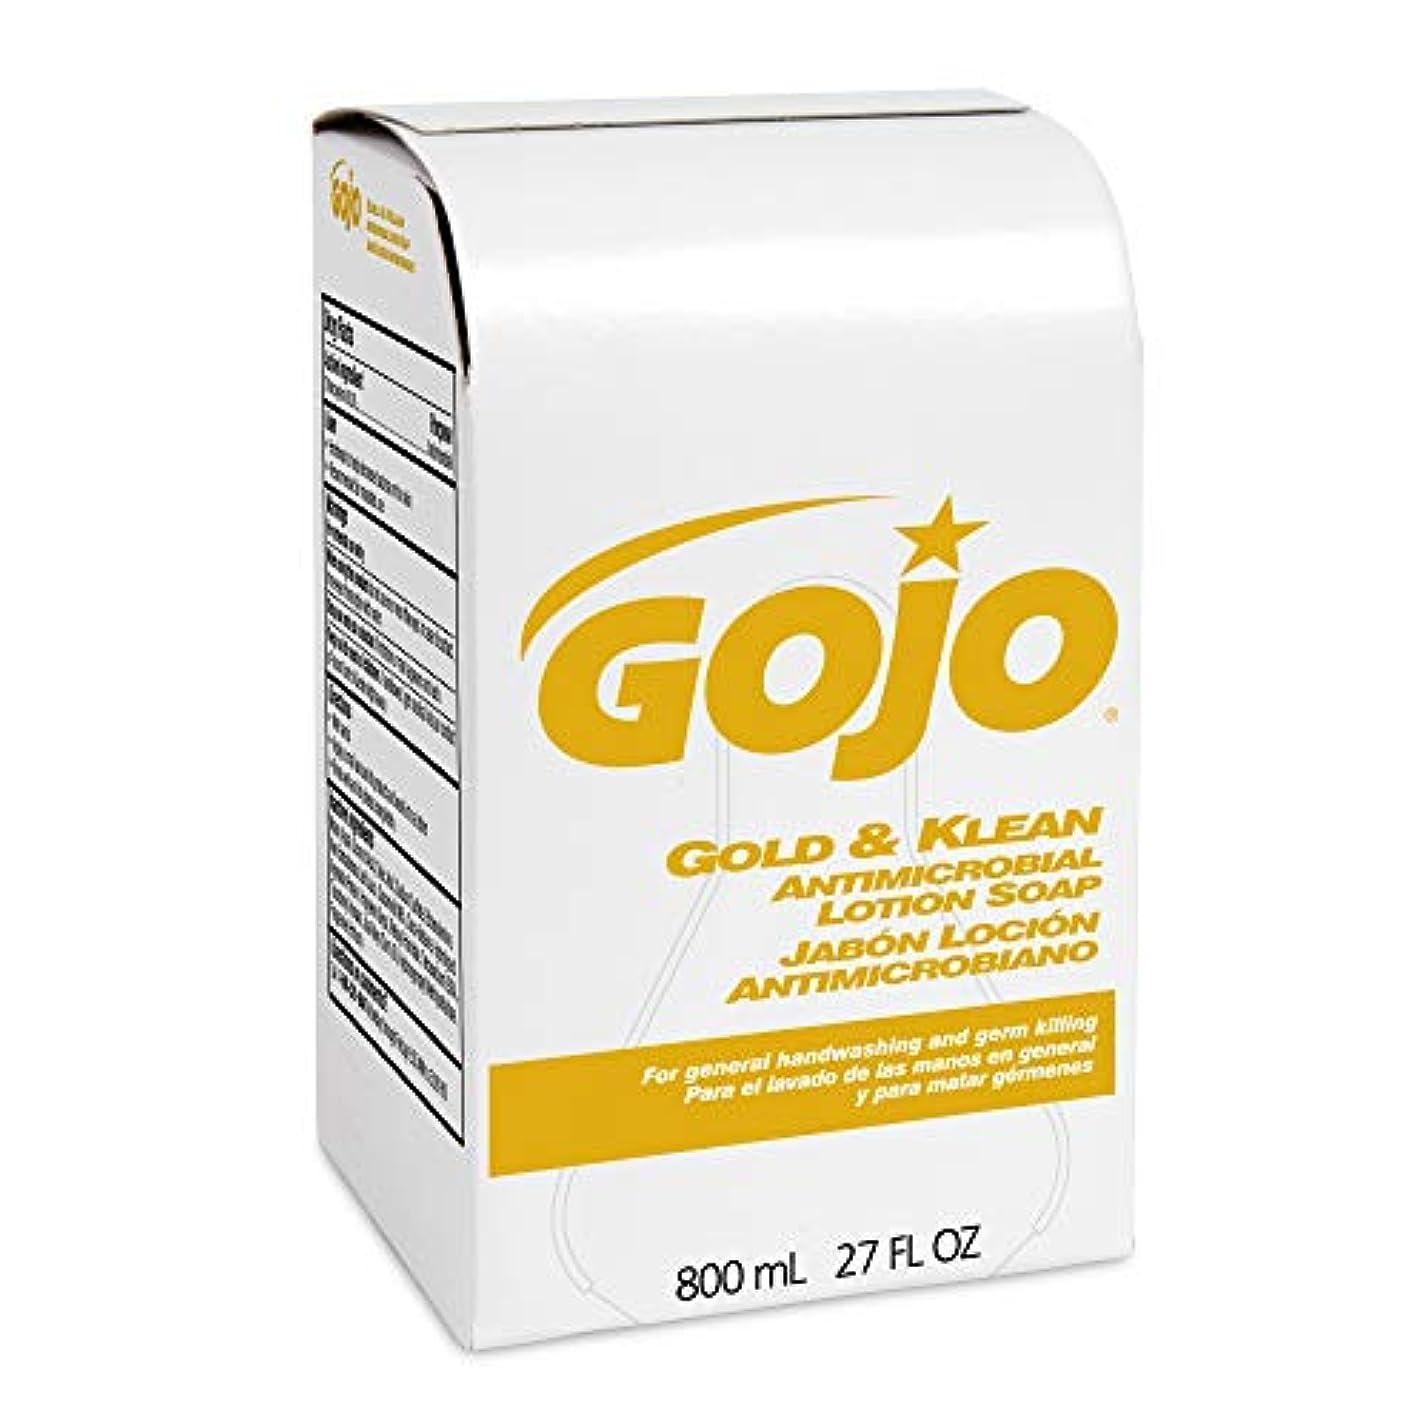 ブレンド地獄誇りに思うゴールド& KleanローションSoap bag-in-boxディスペンサー詰め替え、フローラルBalsam、800 ml